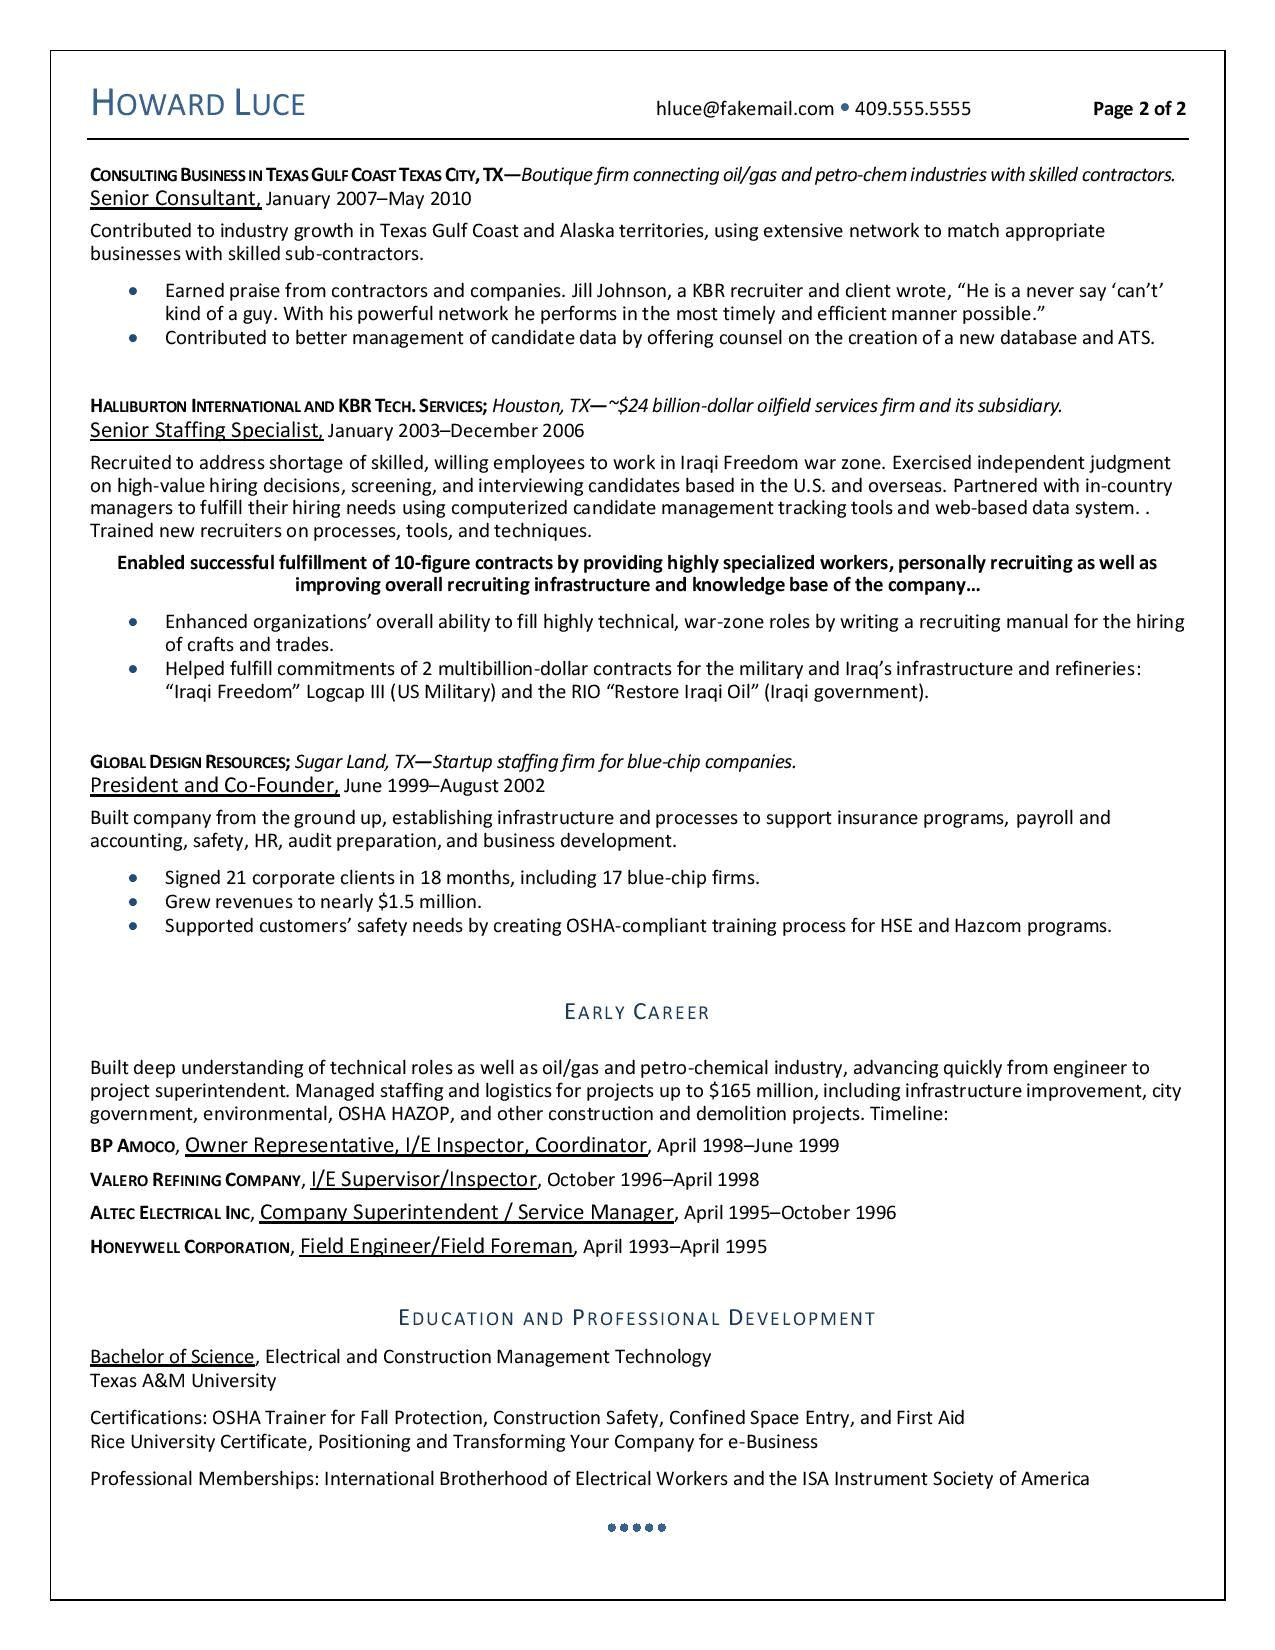 subject matter expert resume samples